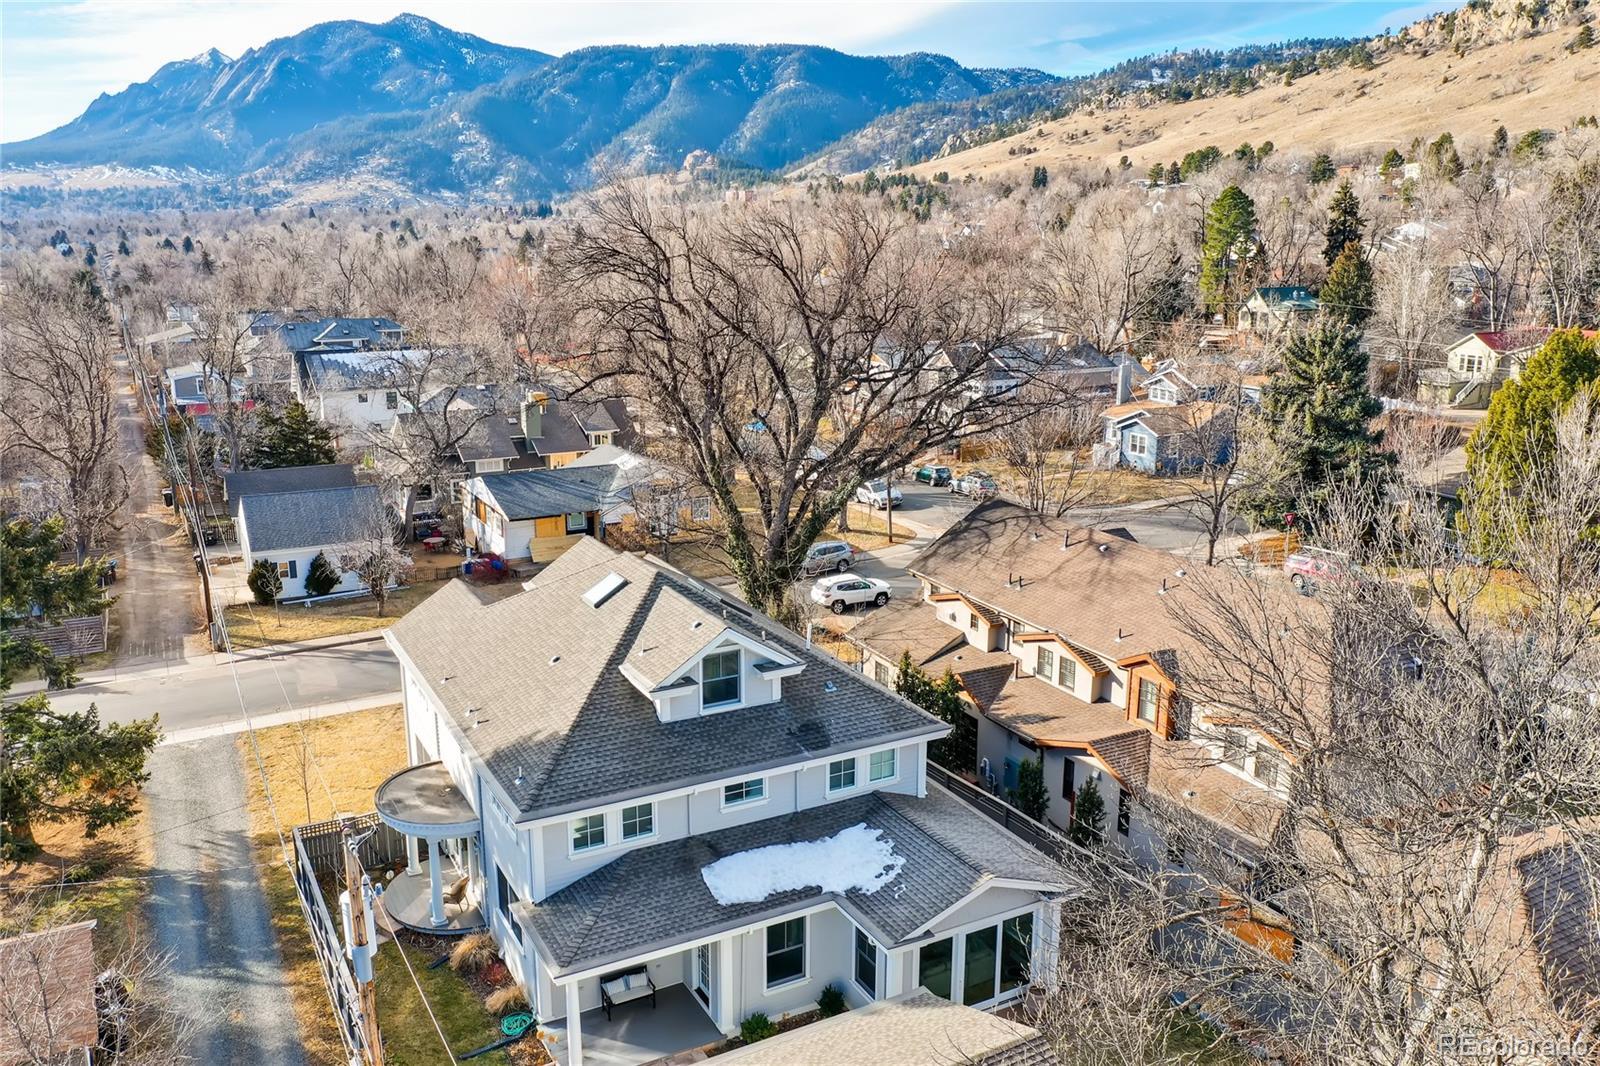 MLS# 9765486 - 4 - 715 Forest Avenue, Boulder, CO 80304